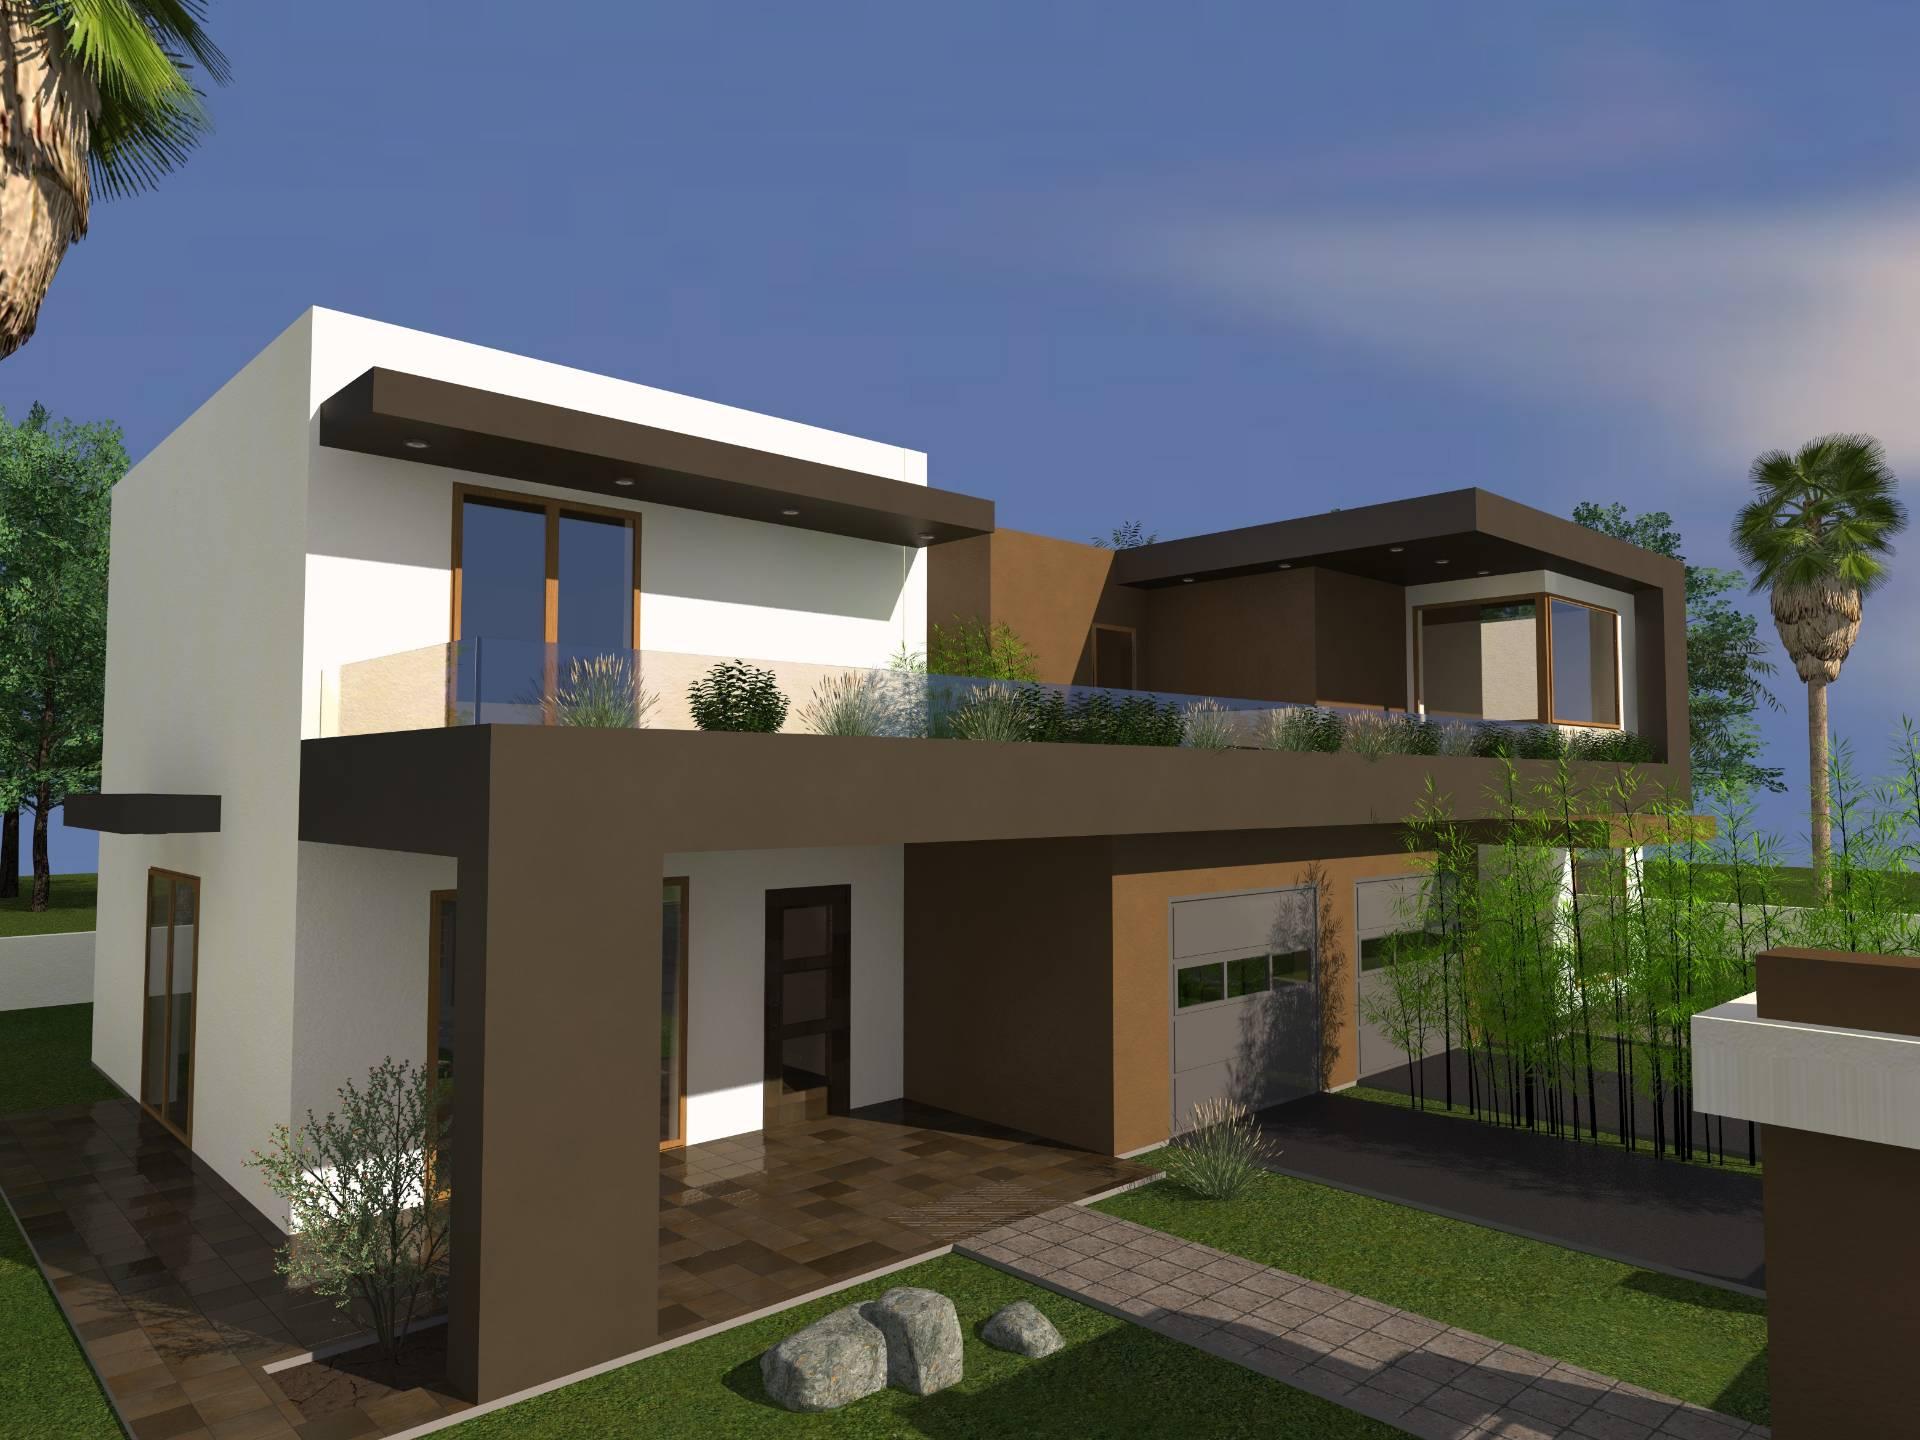 Villa bifamiliare in vendita a cepagatti cod 13 - Progetto di casa moderna ...